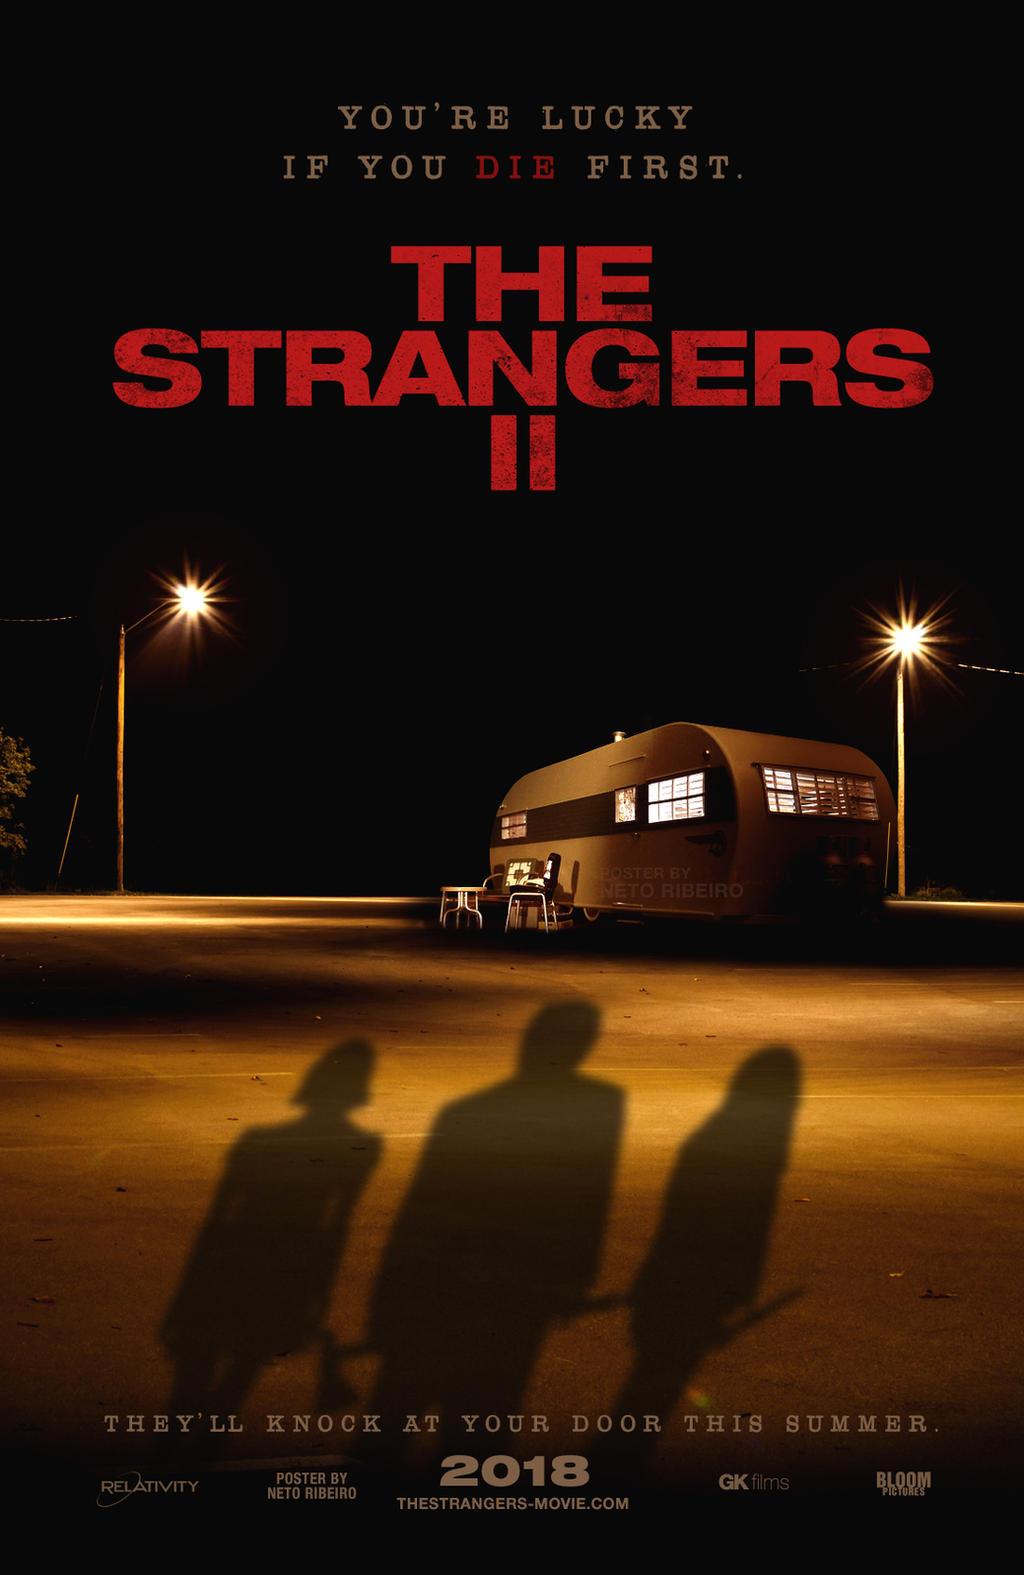 the strangers 2 os estranhos 2 2018 poster 2 by